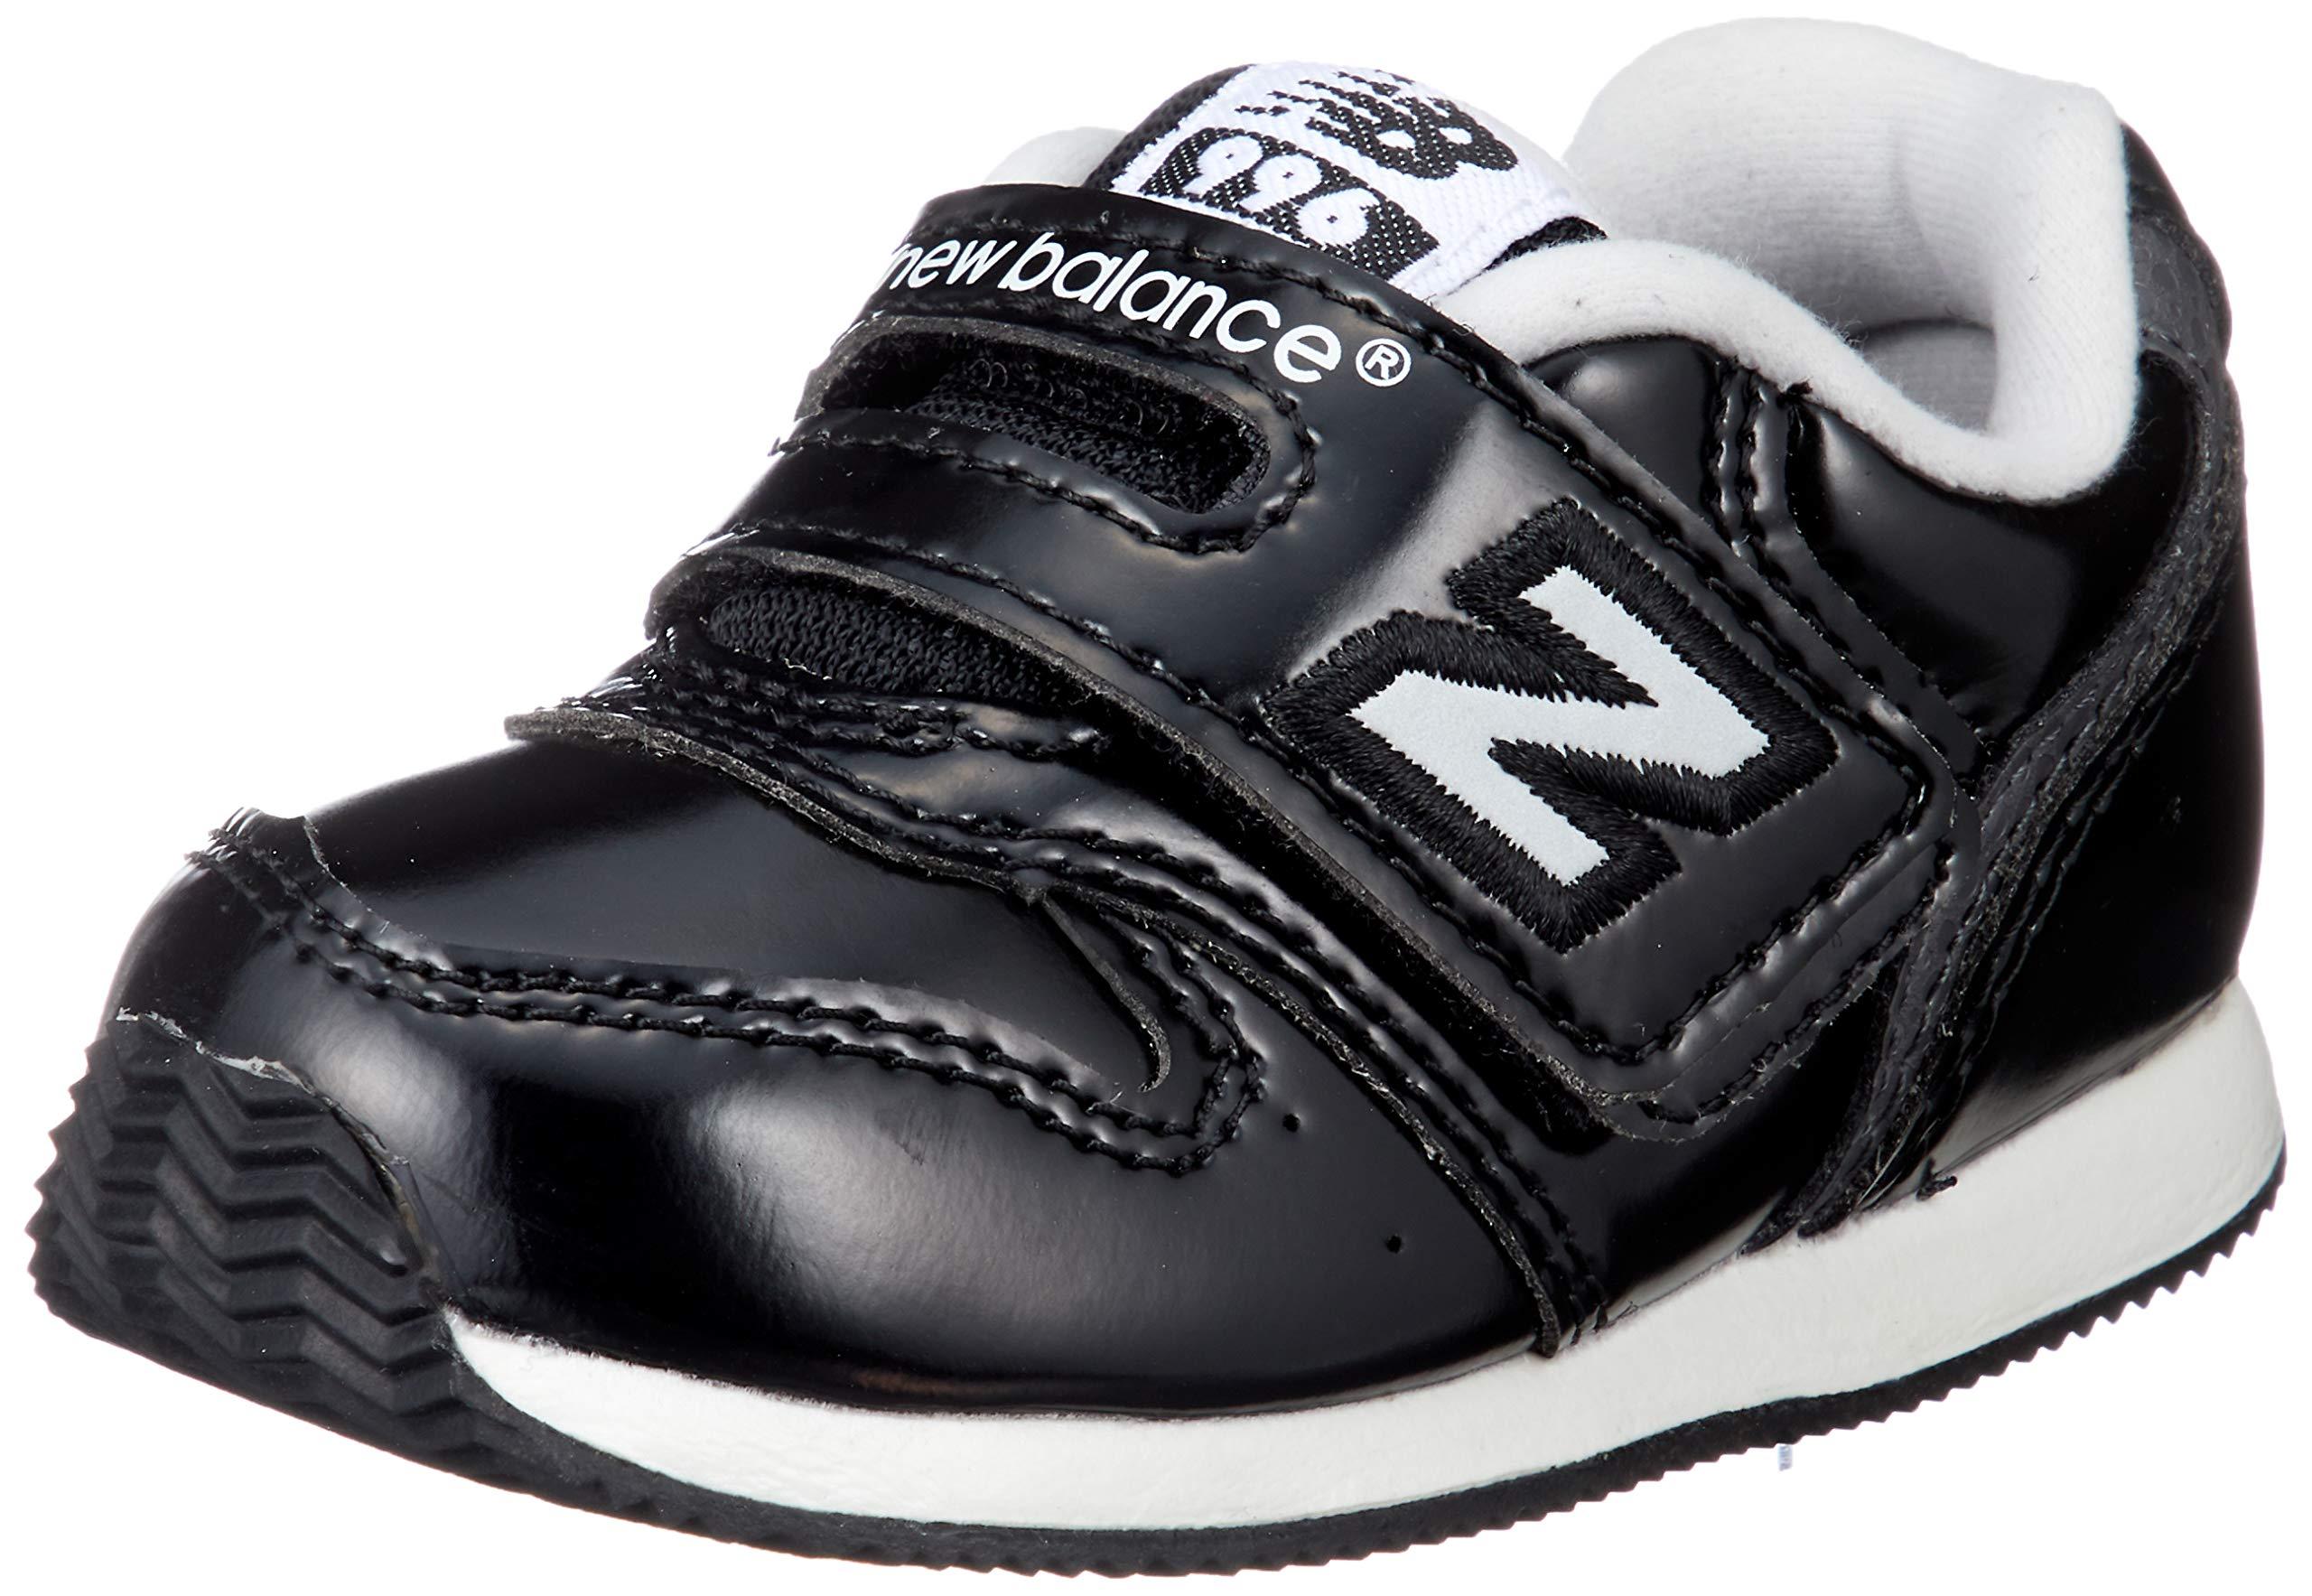 [ニューバランス] ベビーシューズ FS996 / IV996 / IZ996(現行モデル) 運動靴 通学履き 男の子 女の子